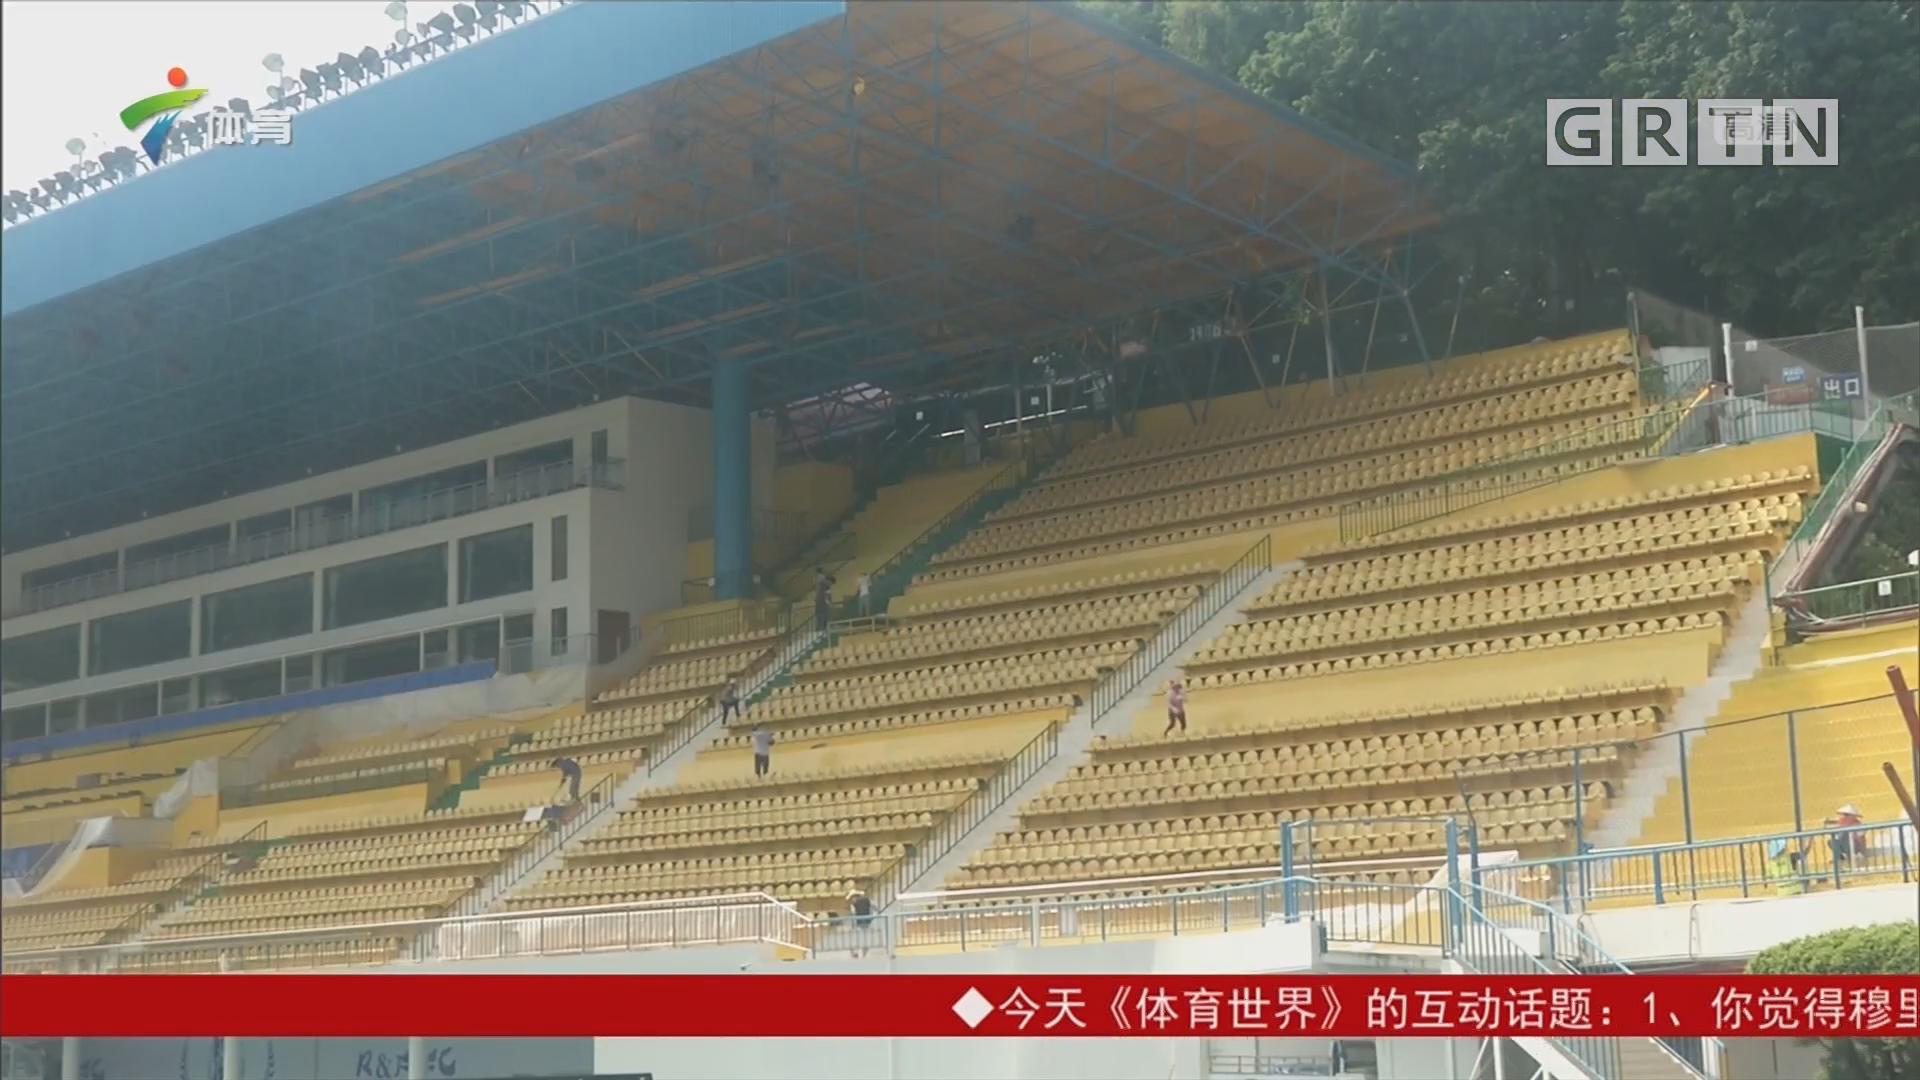 越秀山体育场再改造 黄金配色焕然一新